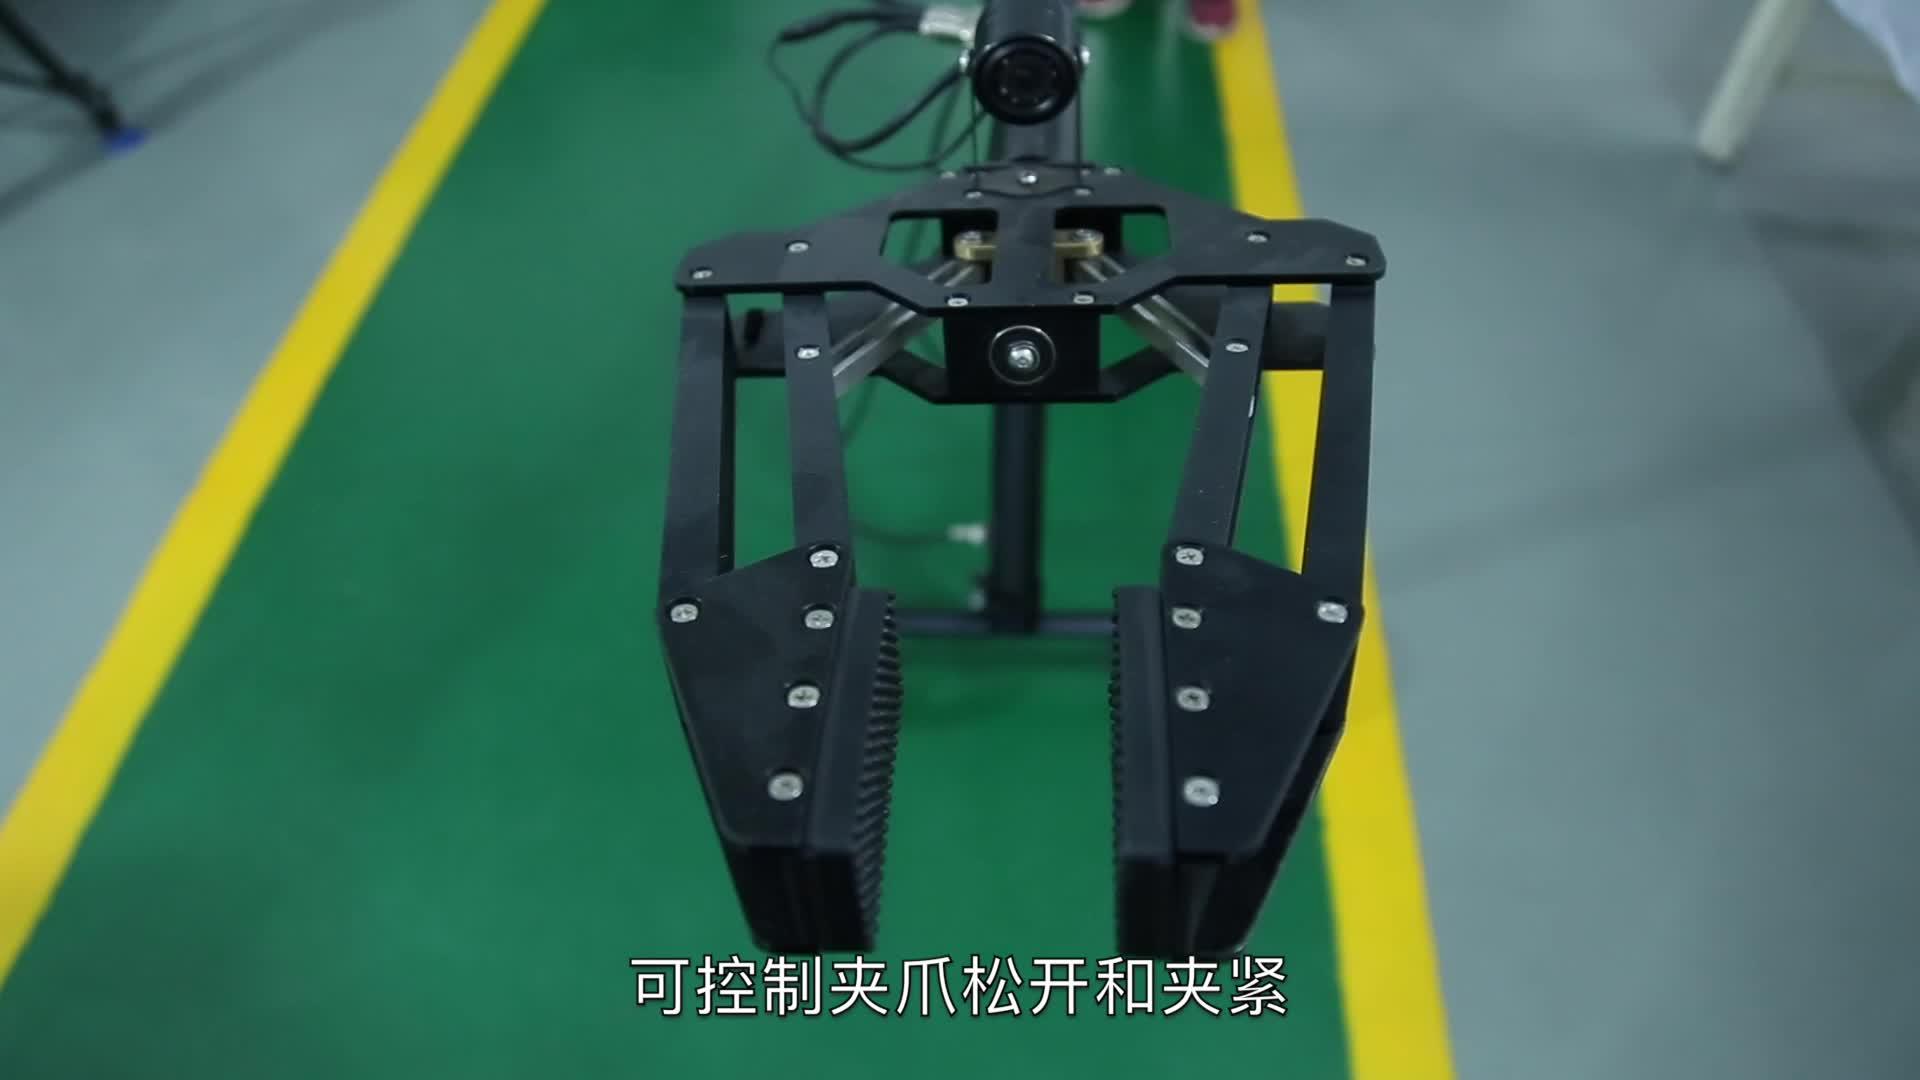 Equipamento militar telescópico eod robô mecânico braço manipulador